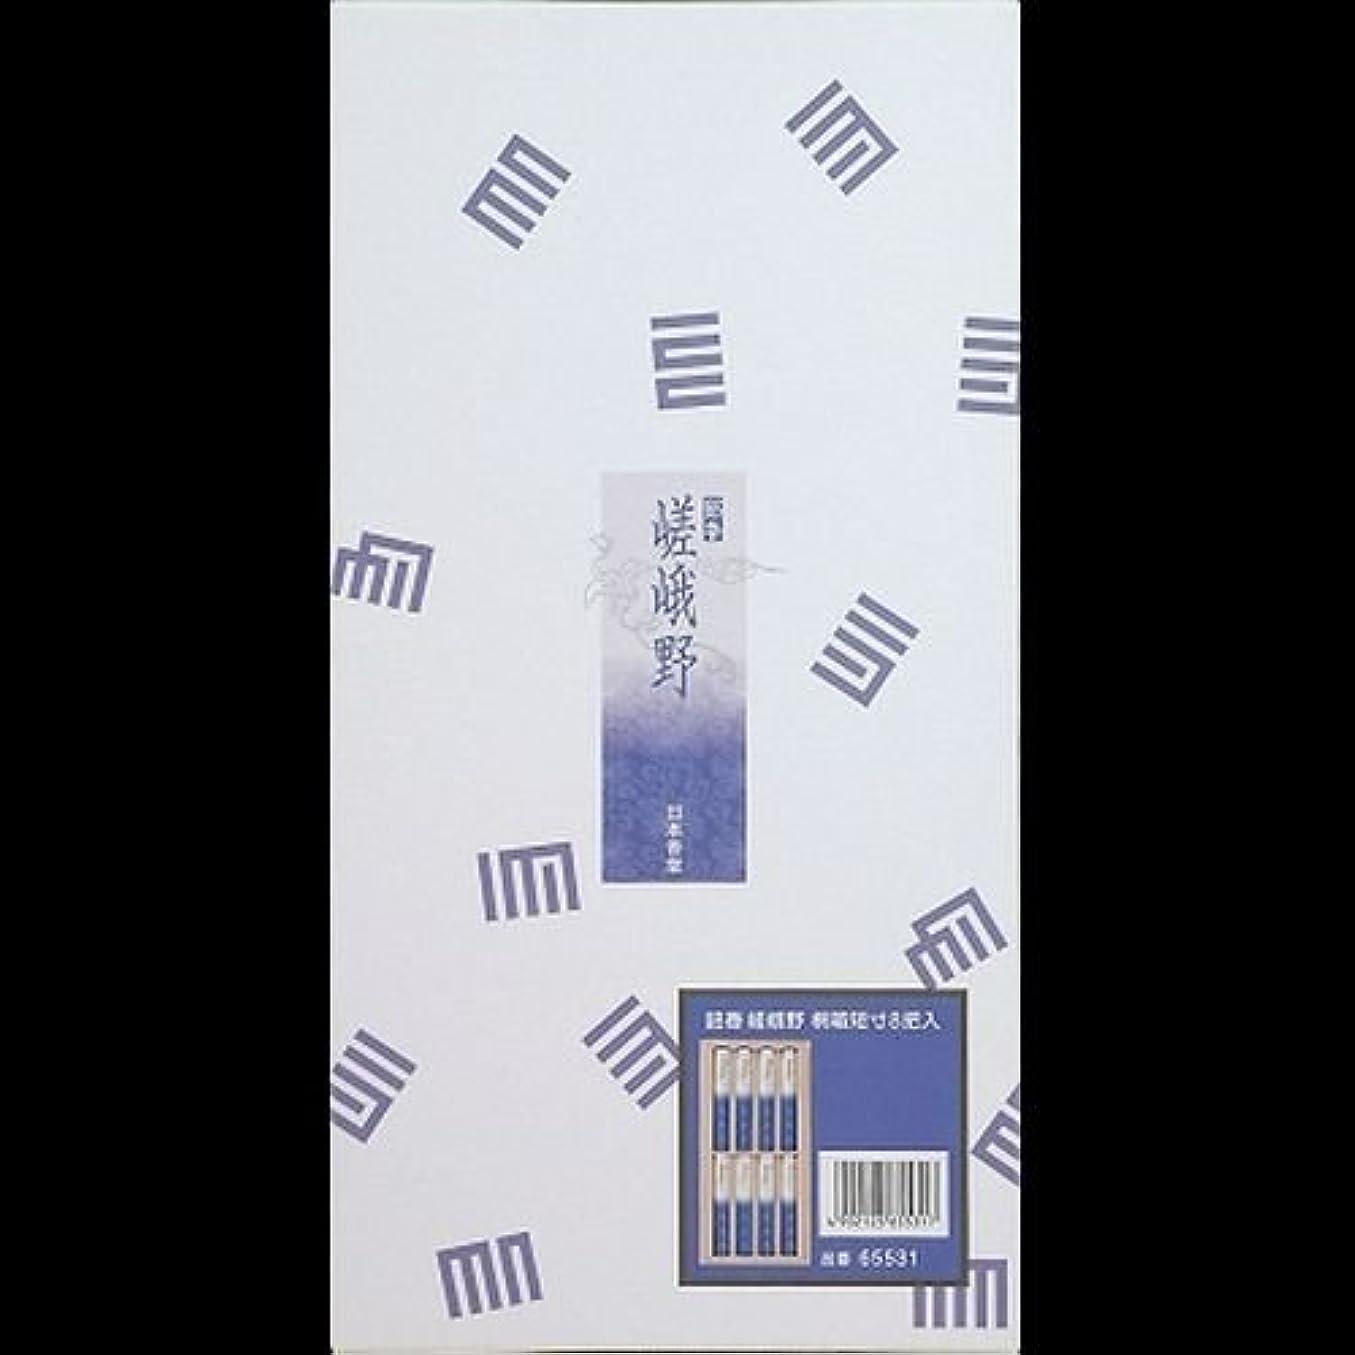 キュービック出します燃料【まとめ買い】銘香 嵯峨野 桐箱短8入 包装品 35gx8 ×2セット